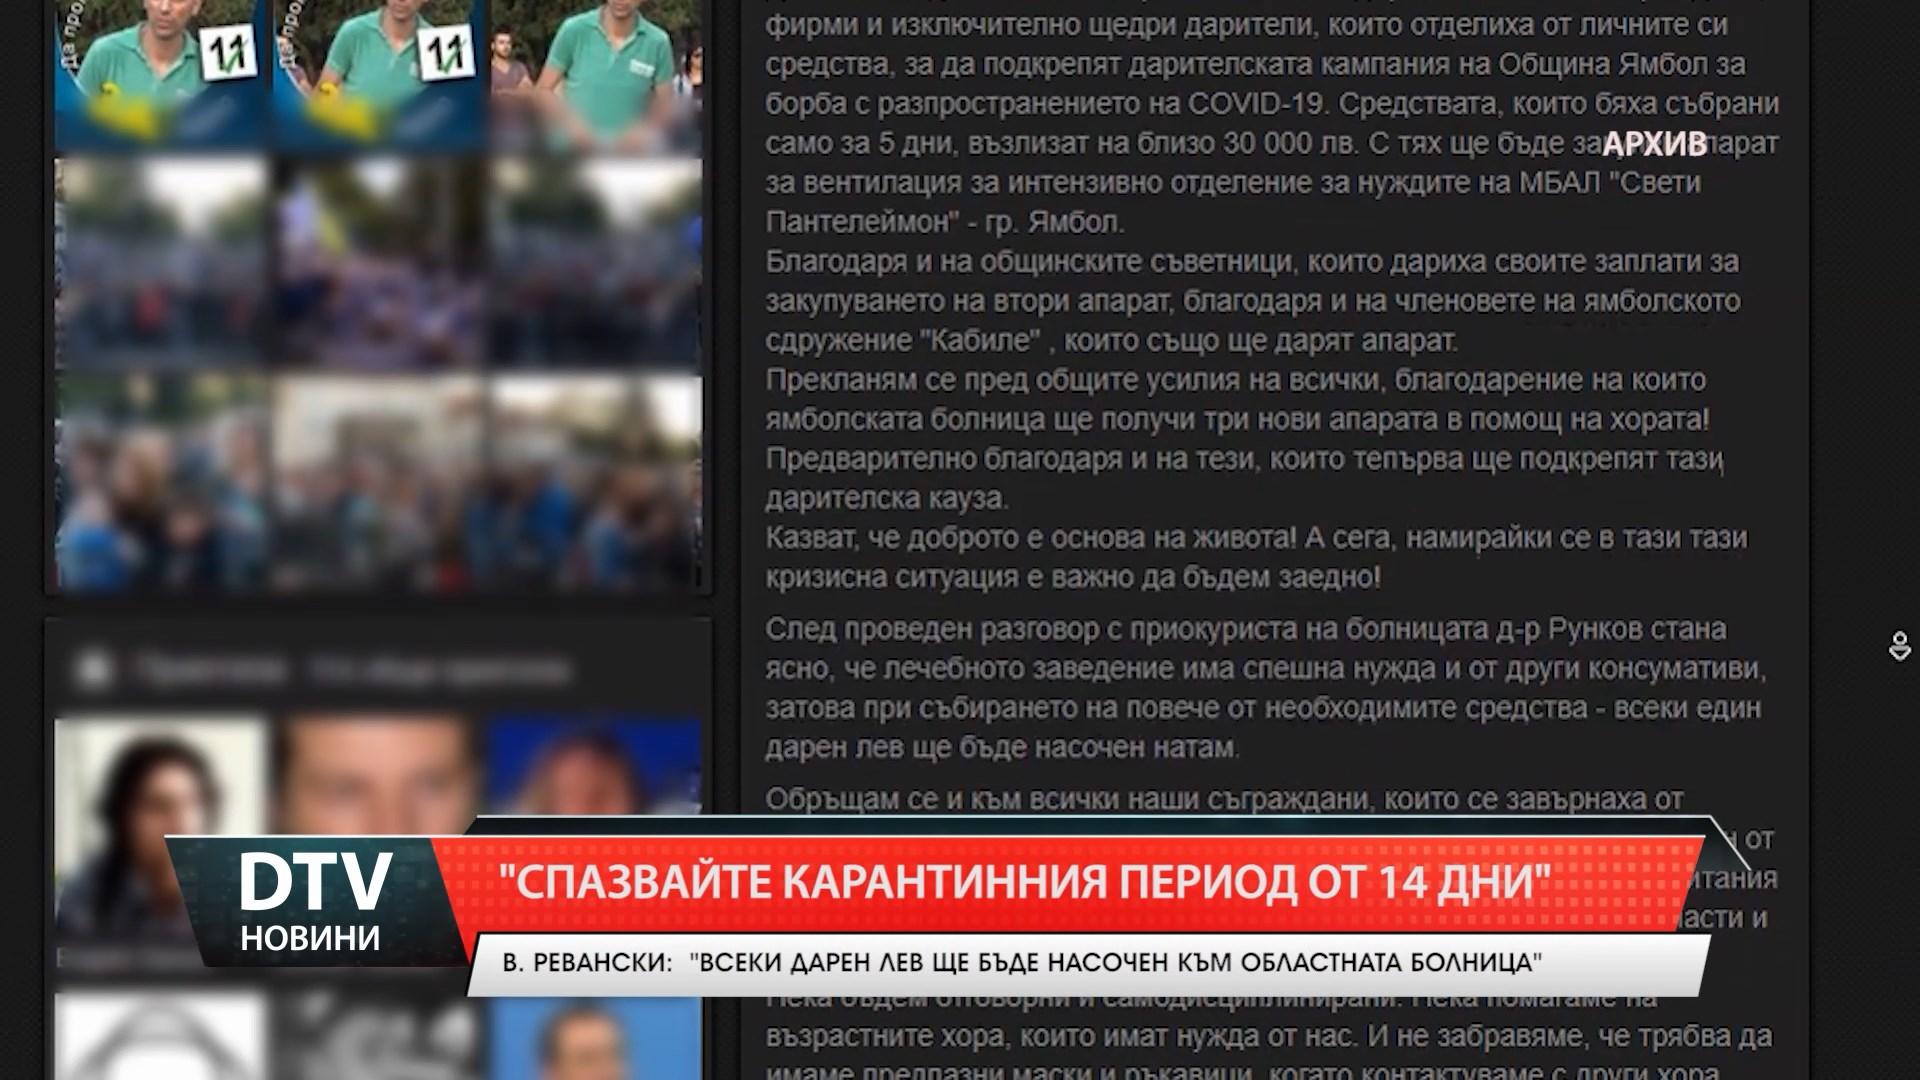 """Кметът В.Ревански: """"Всеки дарен лев ще бъде насочен към областната болница"""""""